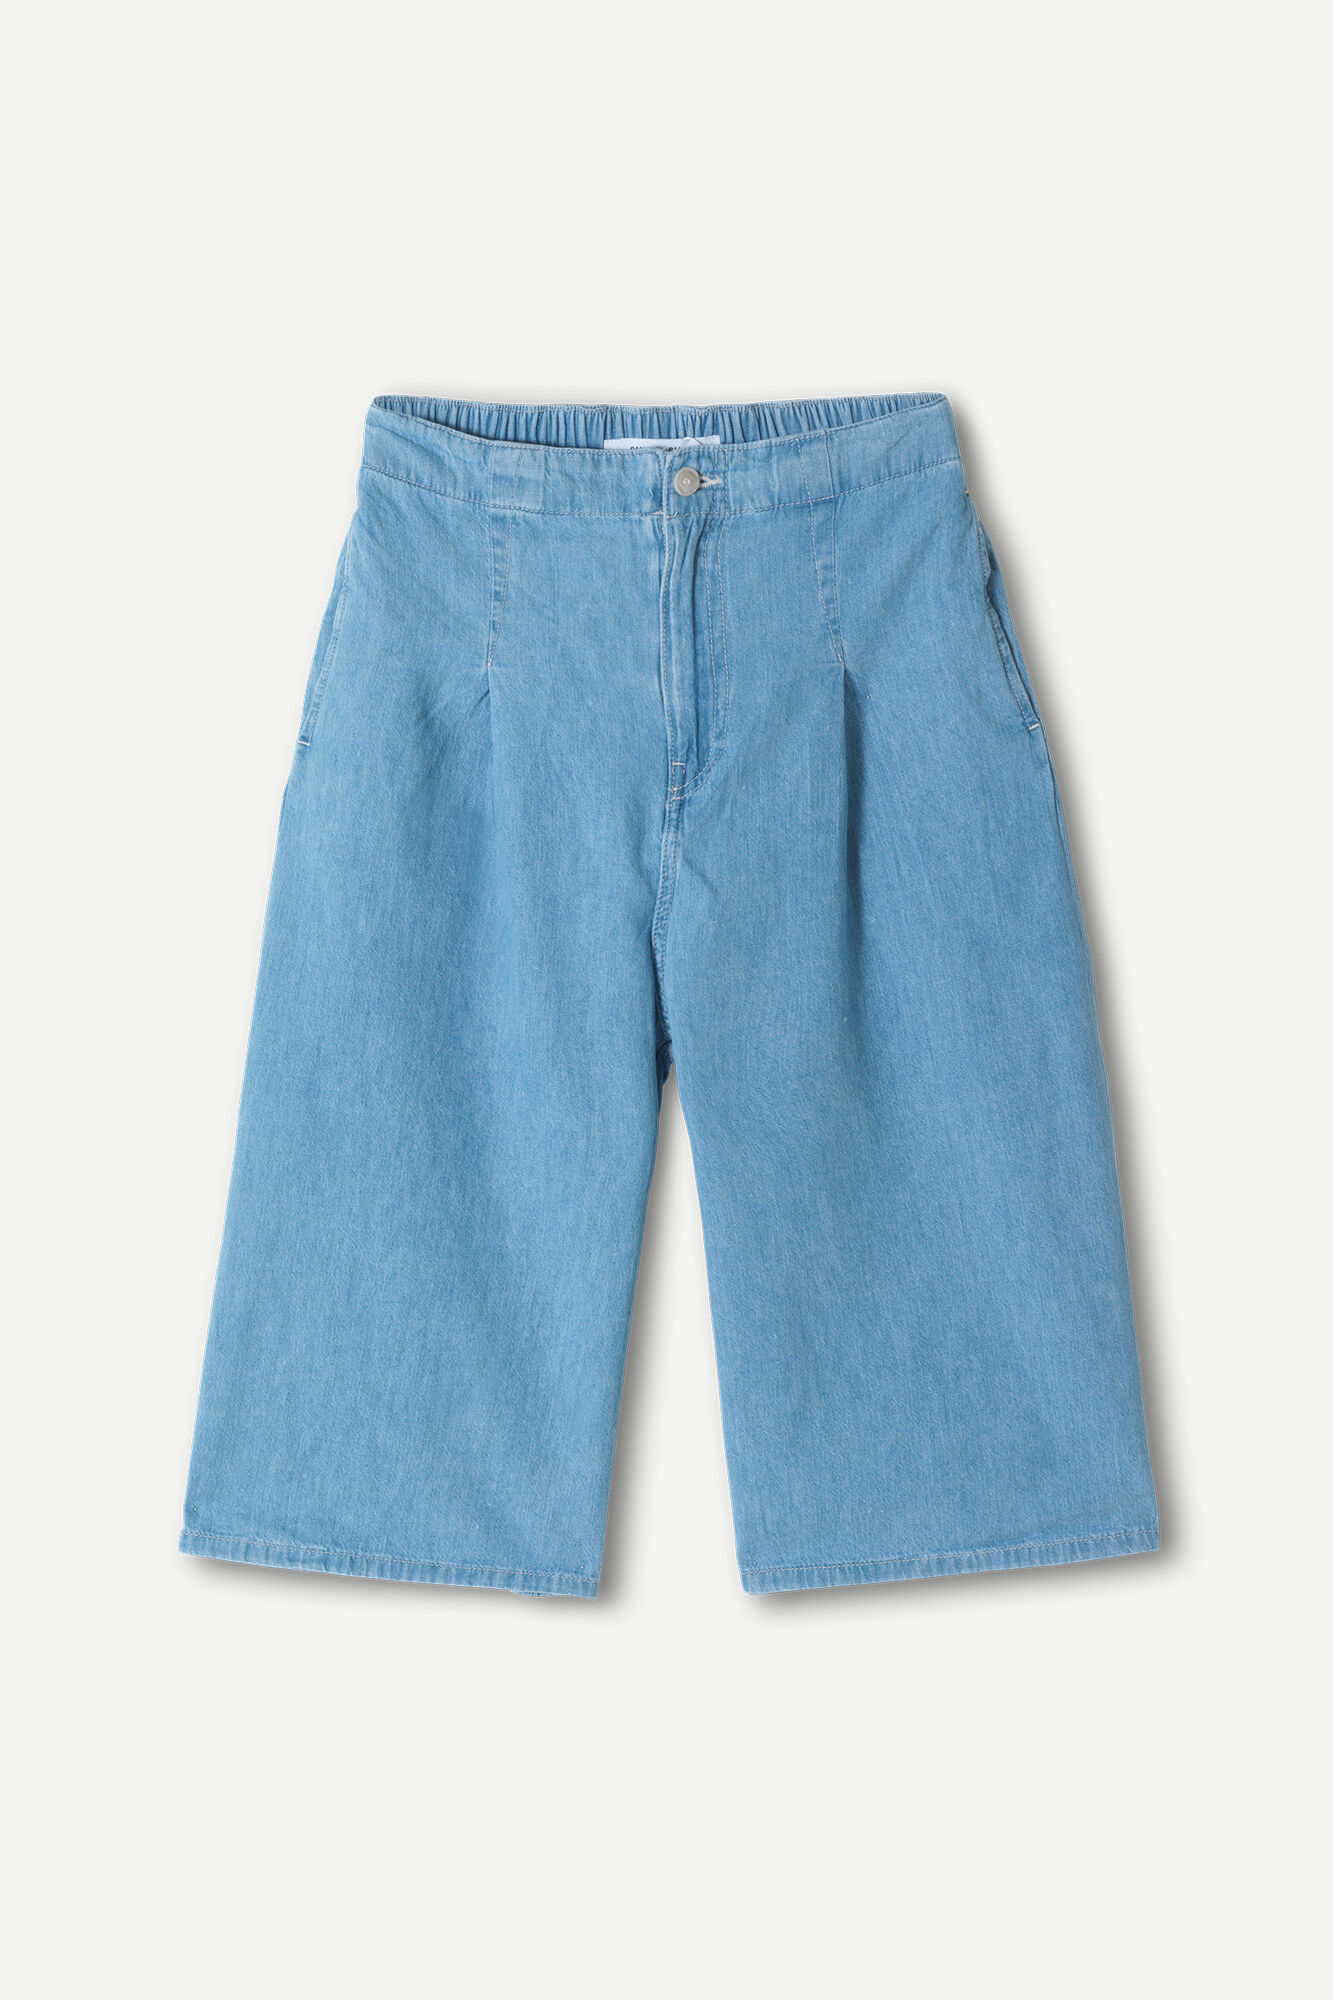 Leila shorts 13165, PALE BLUE